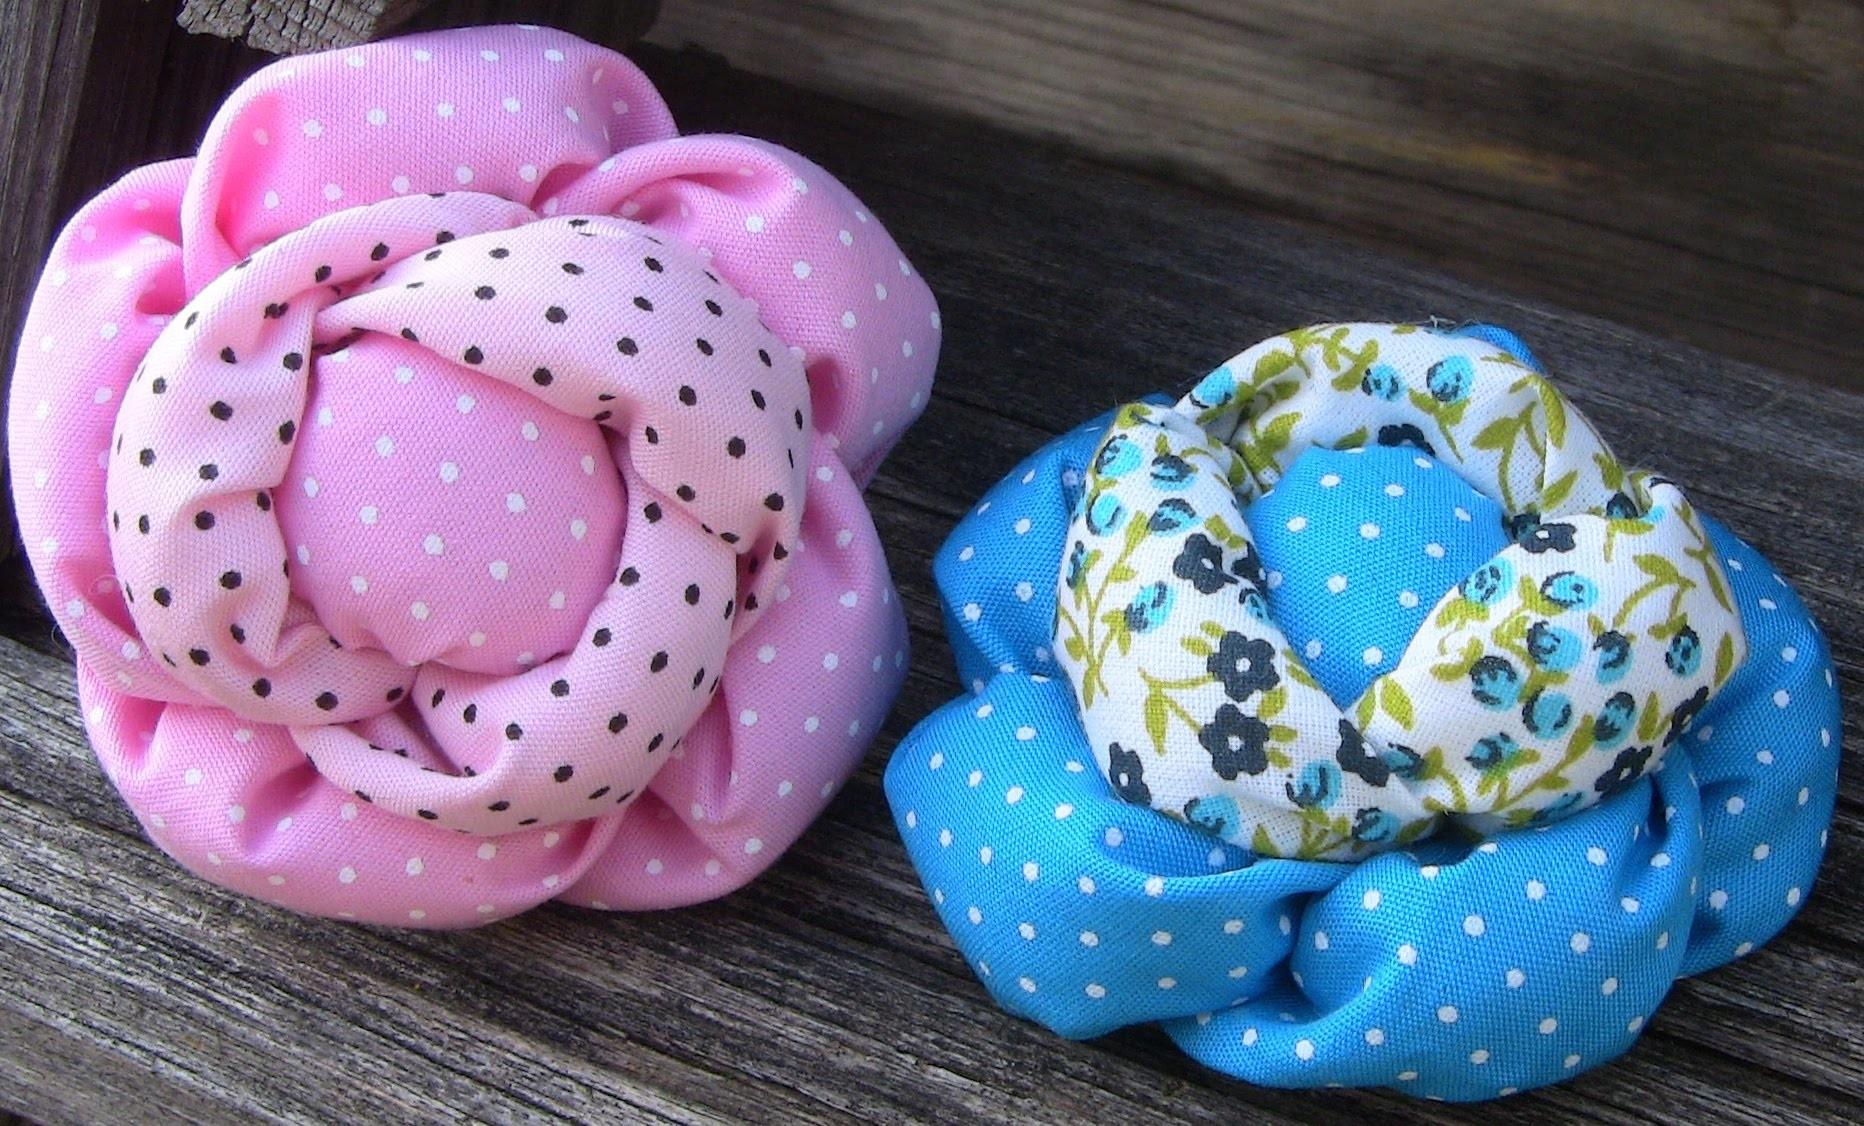 D.I.Y Rosa de Tecido com enchimento Passo a Passo - Fabric flower tutorial